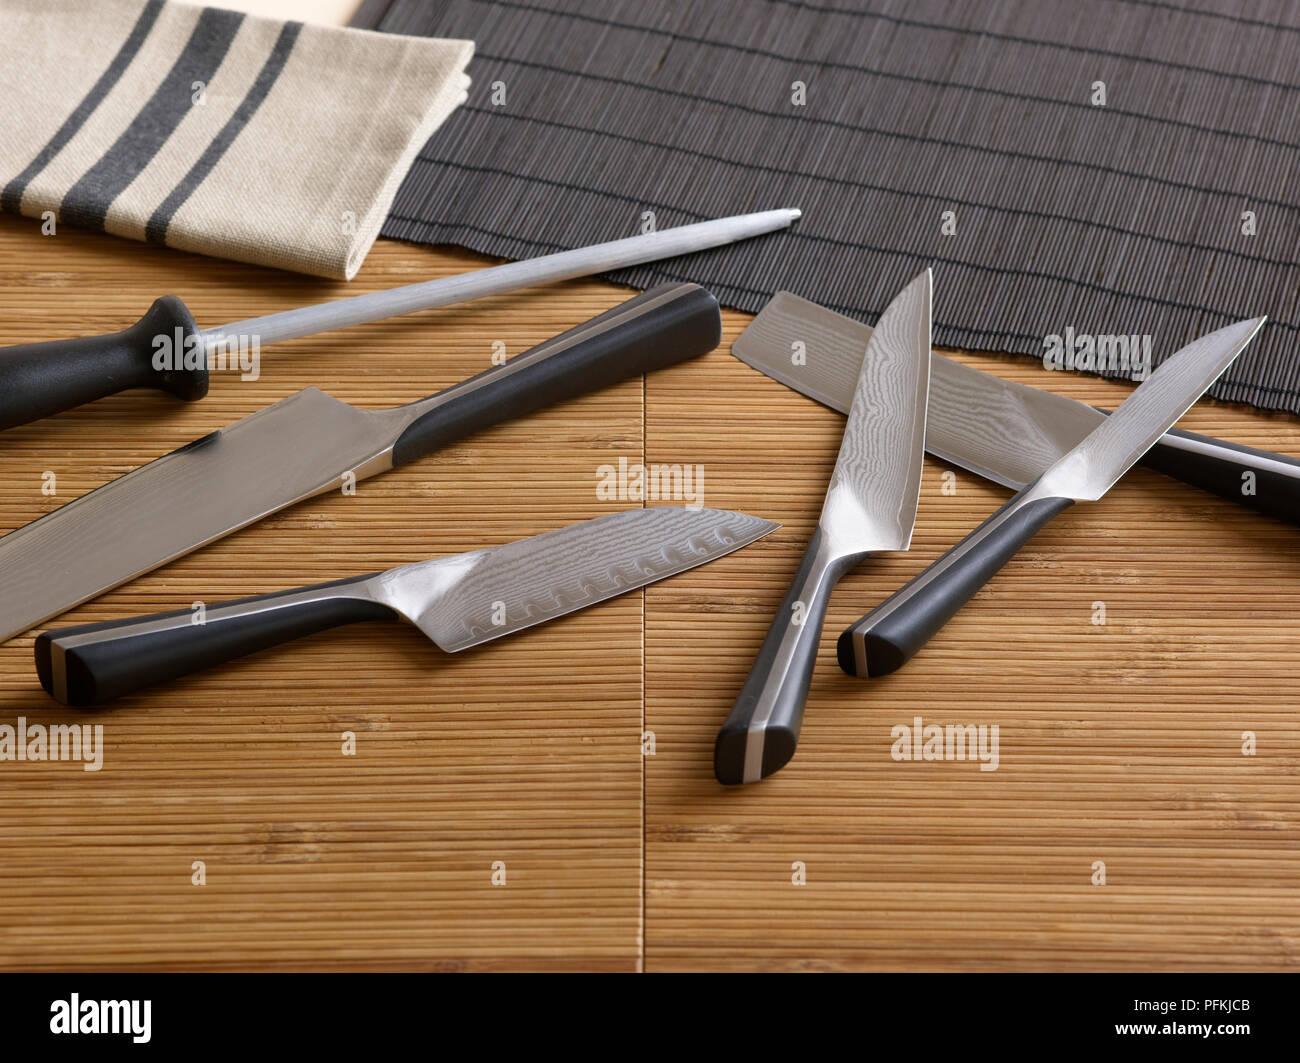 Verschiedene Messer Und Spitzer Auf Bambus Platzmatten Stockfoto